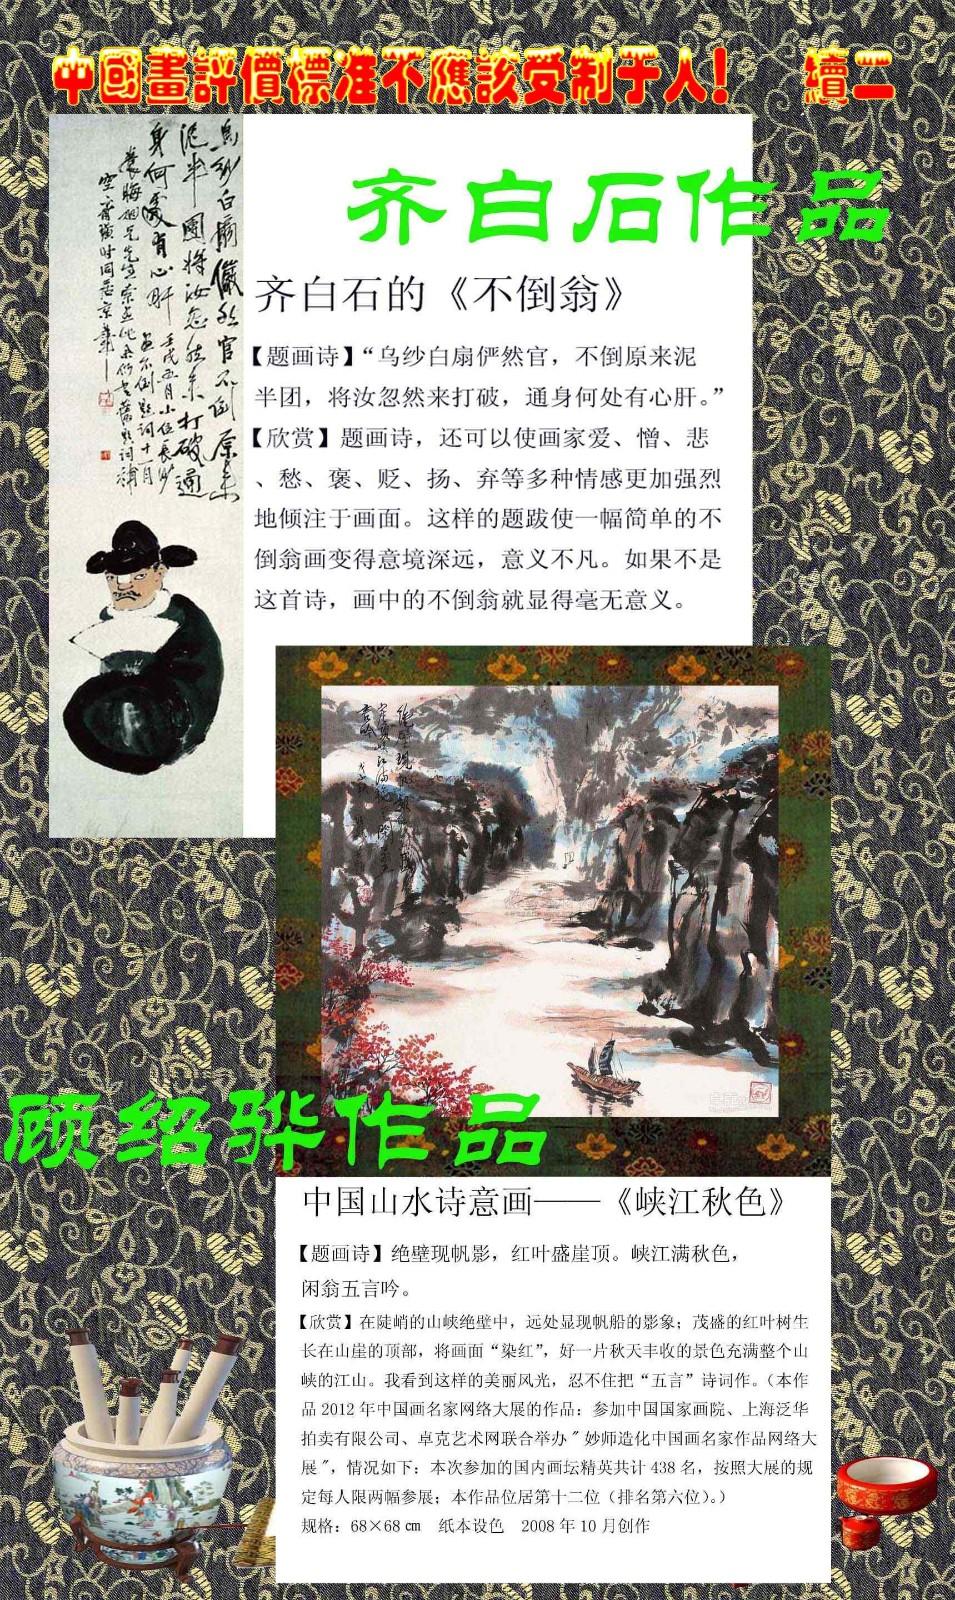 中国画评价标准不应该受制于人!  续二_图1-9